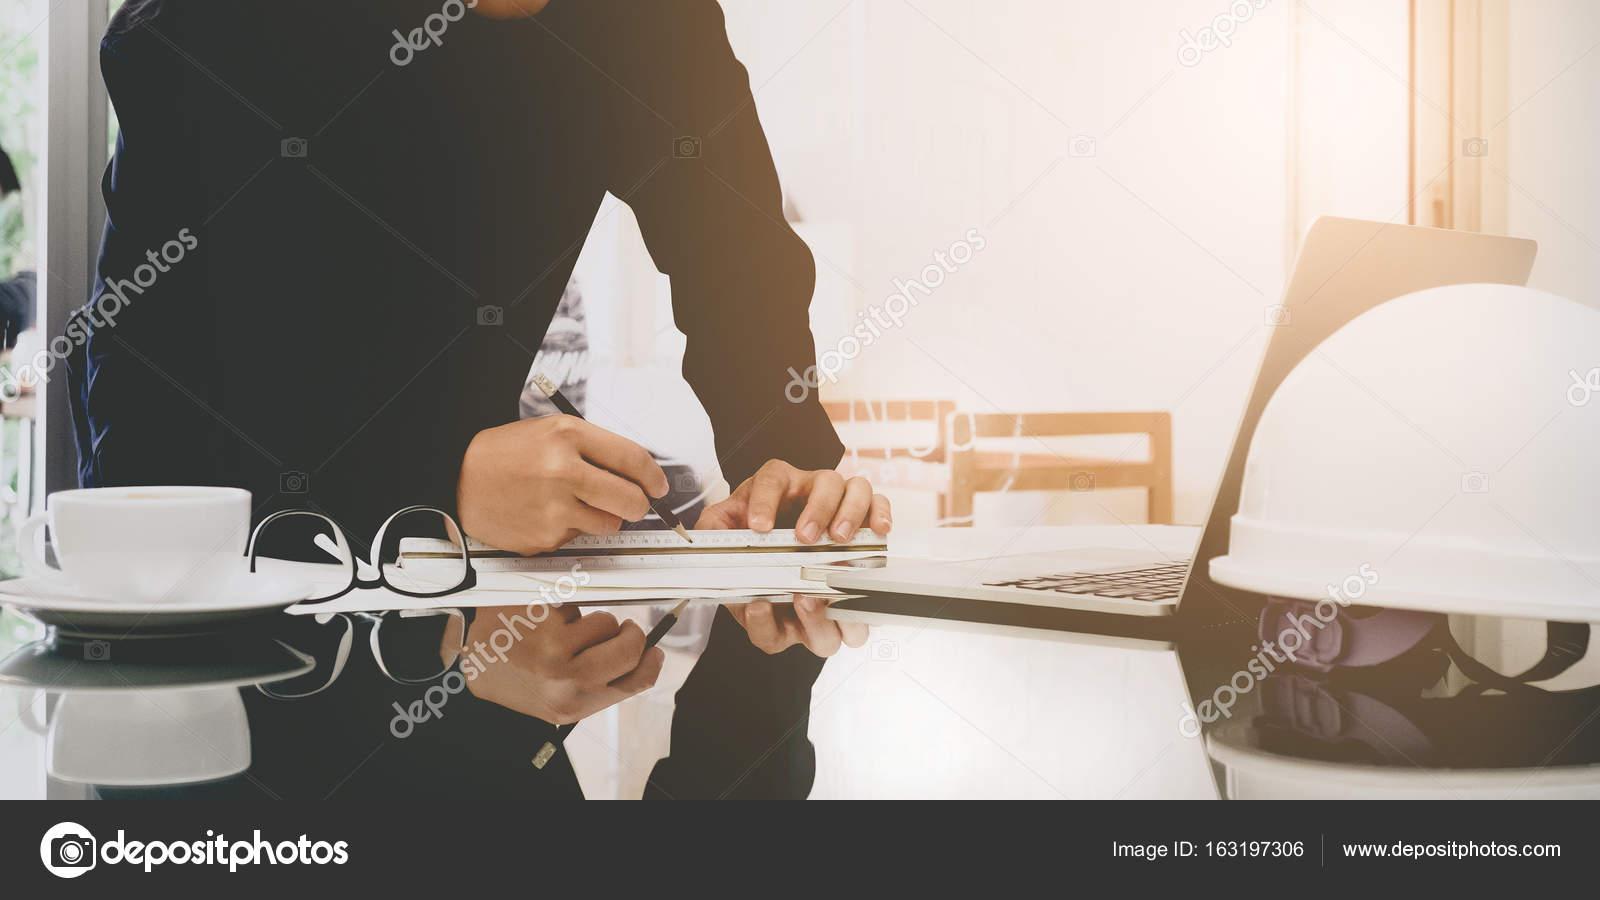 Ufficio Disegno Yoga : Immagine dellingegnere disegno piano sullazzurro stampa in ufficio